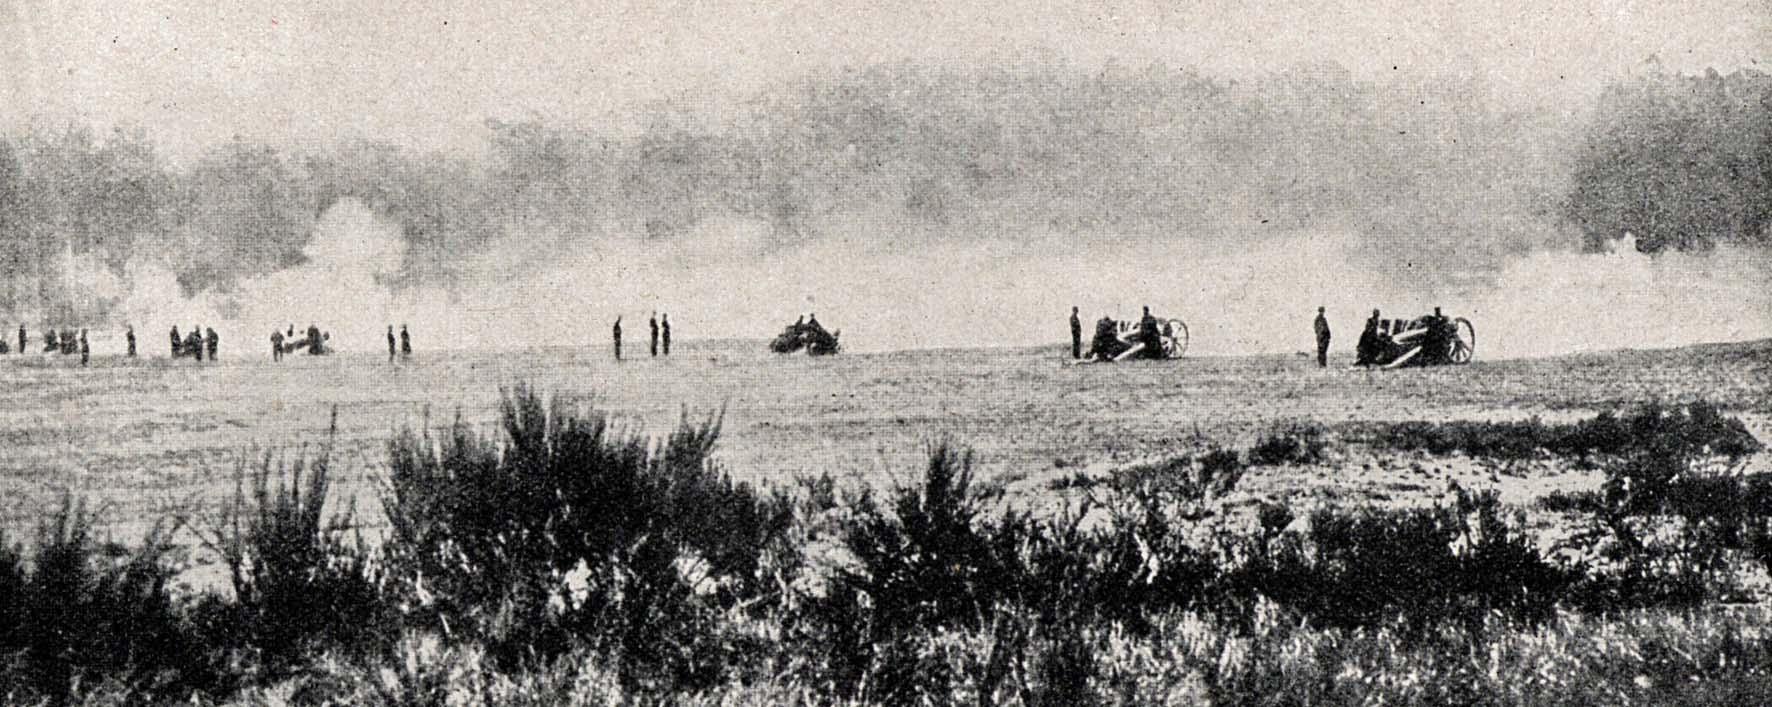 """26. september 1914. """"Meget hård artilleriild"""""""